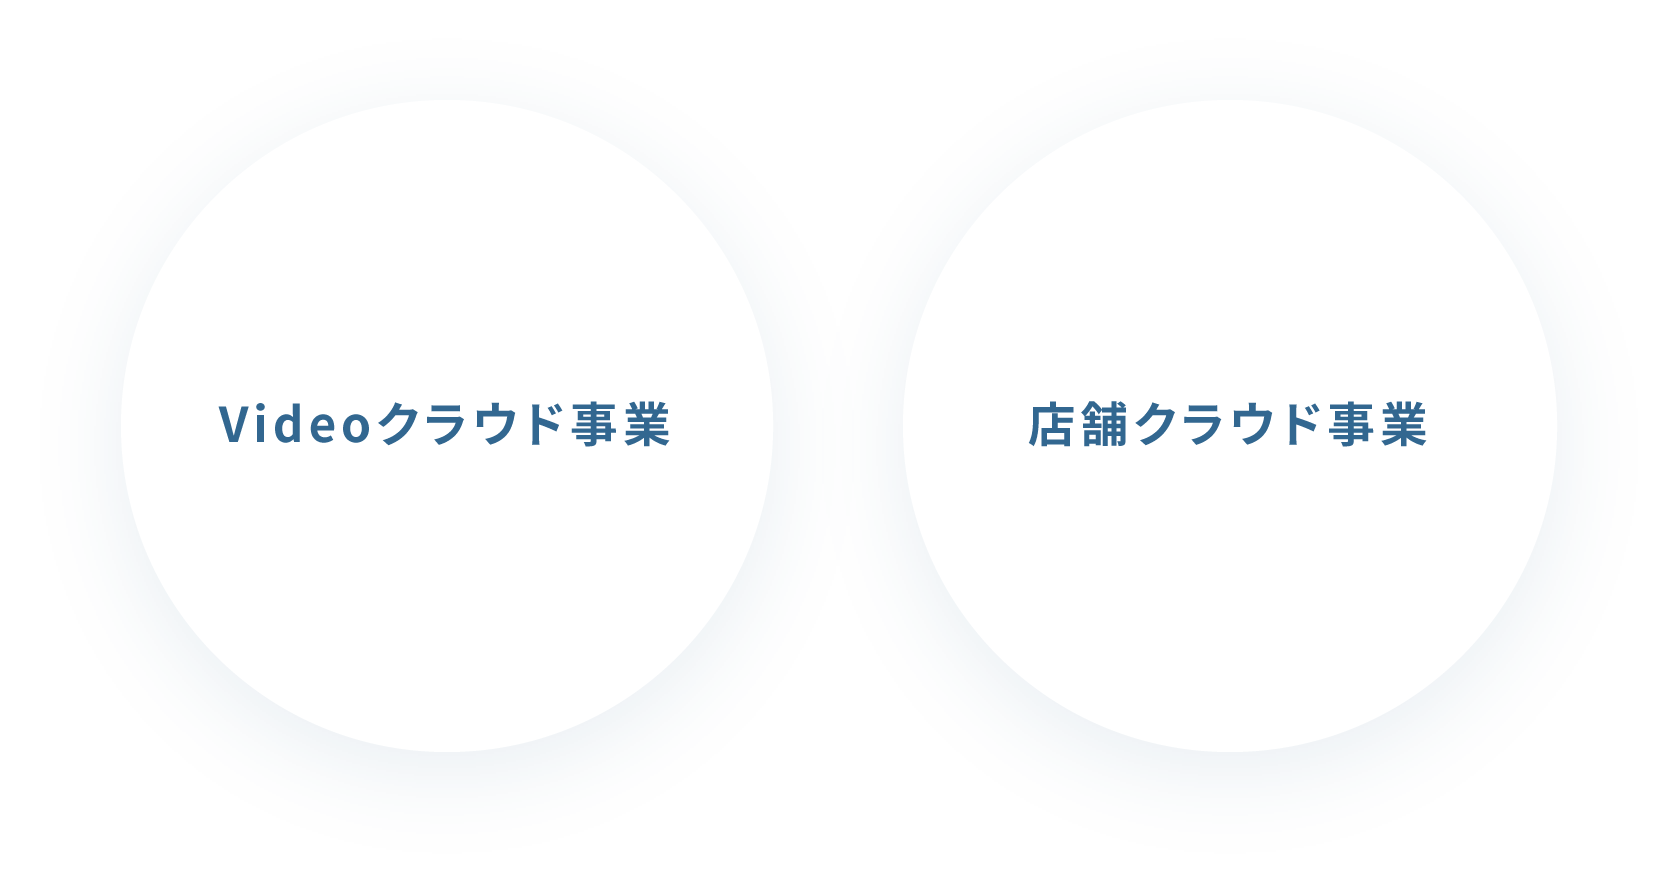 WEBコンテンツソリューション事業/店舗ソリューション事業/その他DX推進事業